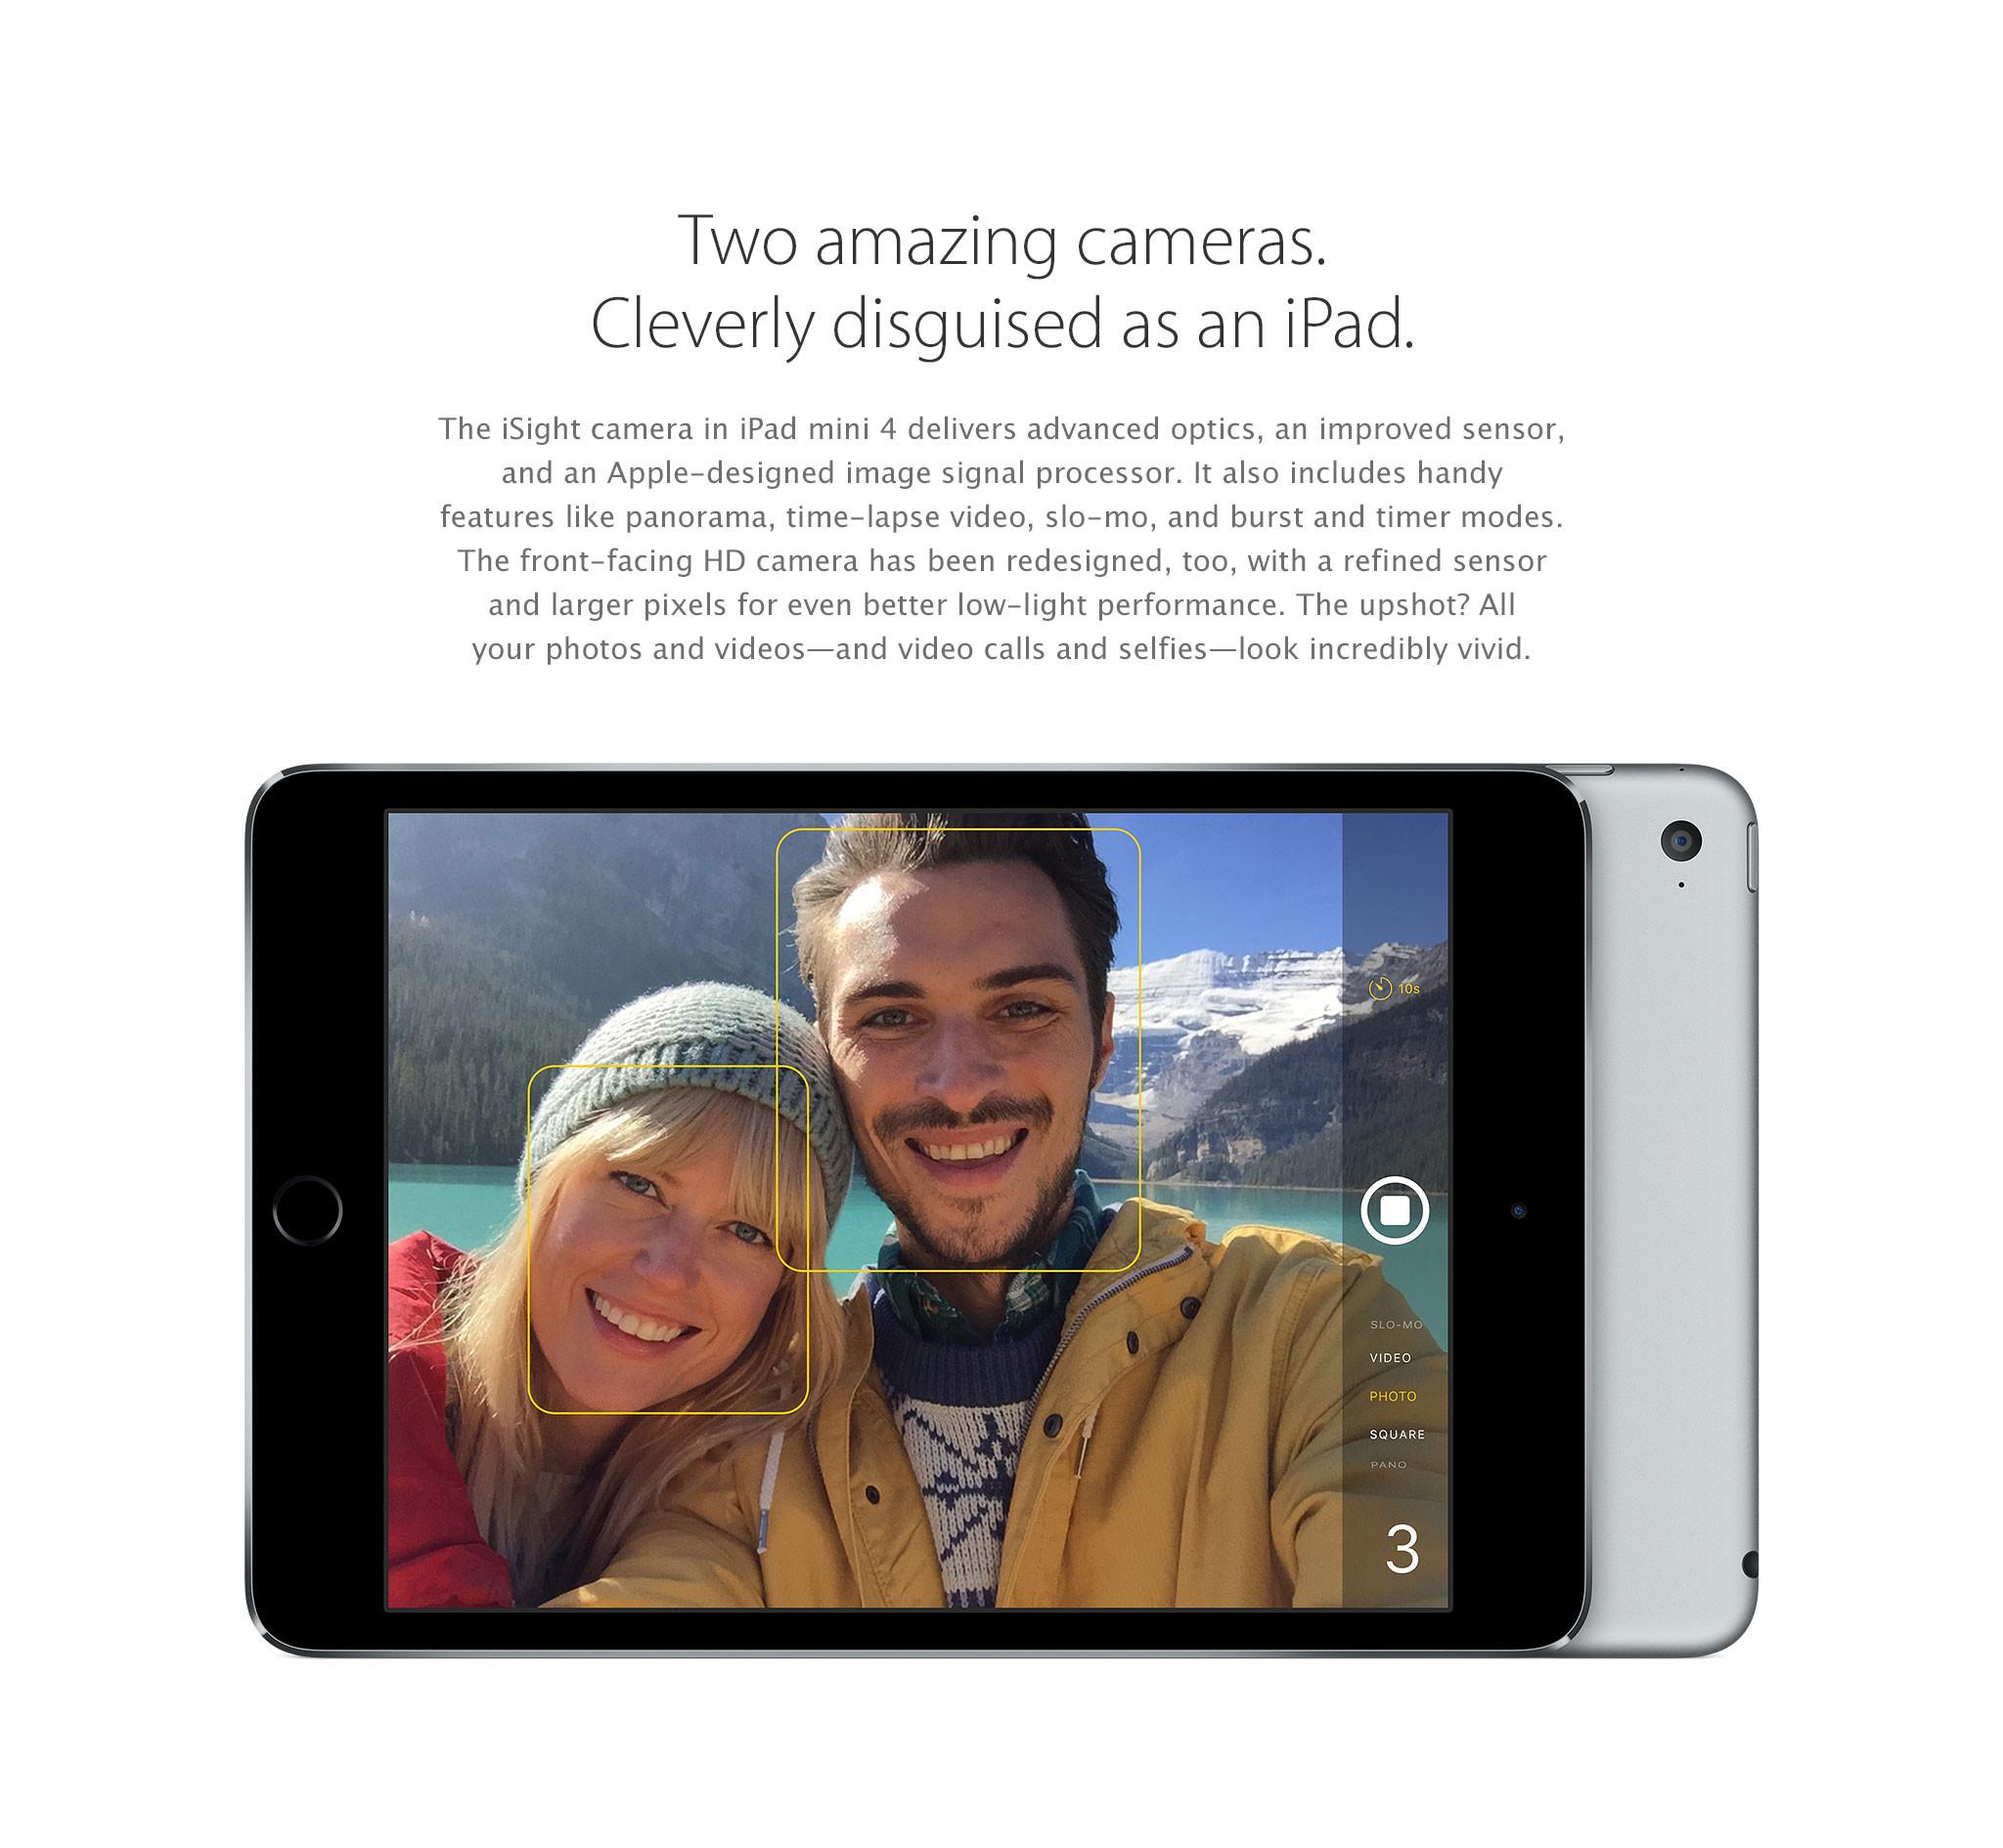 Dos cámaras asombrosas, disfrazadas de iPad. La cámara iSight del iPad mini 4 ofrece óptica de avanzada, sensor mejorado y procesador de señal de imagen de Apple. También incluye prácticas funciones como toma panorámica, video en intervalos de tiempo, cámara lenta y modos ráfaga y temporizador. La cámara frontal HD también se rediseñó, con un sensor refinado y píxeles más grandes para ofrecer un rendimiento aún mejor con escasa iluminación. Conclusión: todas tus fotos y videos, videollamadas y selfies se verán increíblemente nítidos.